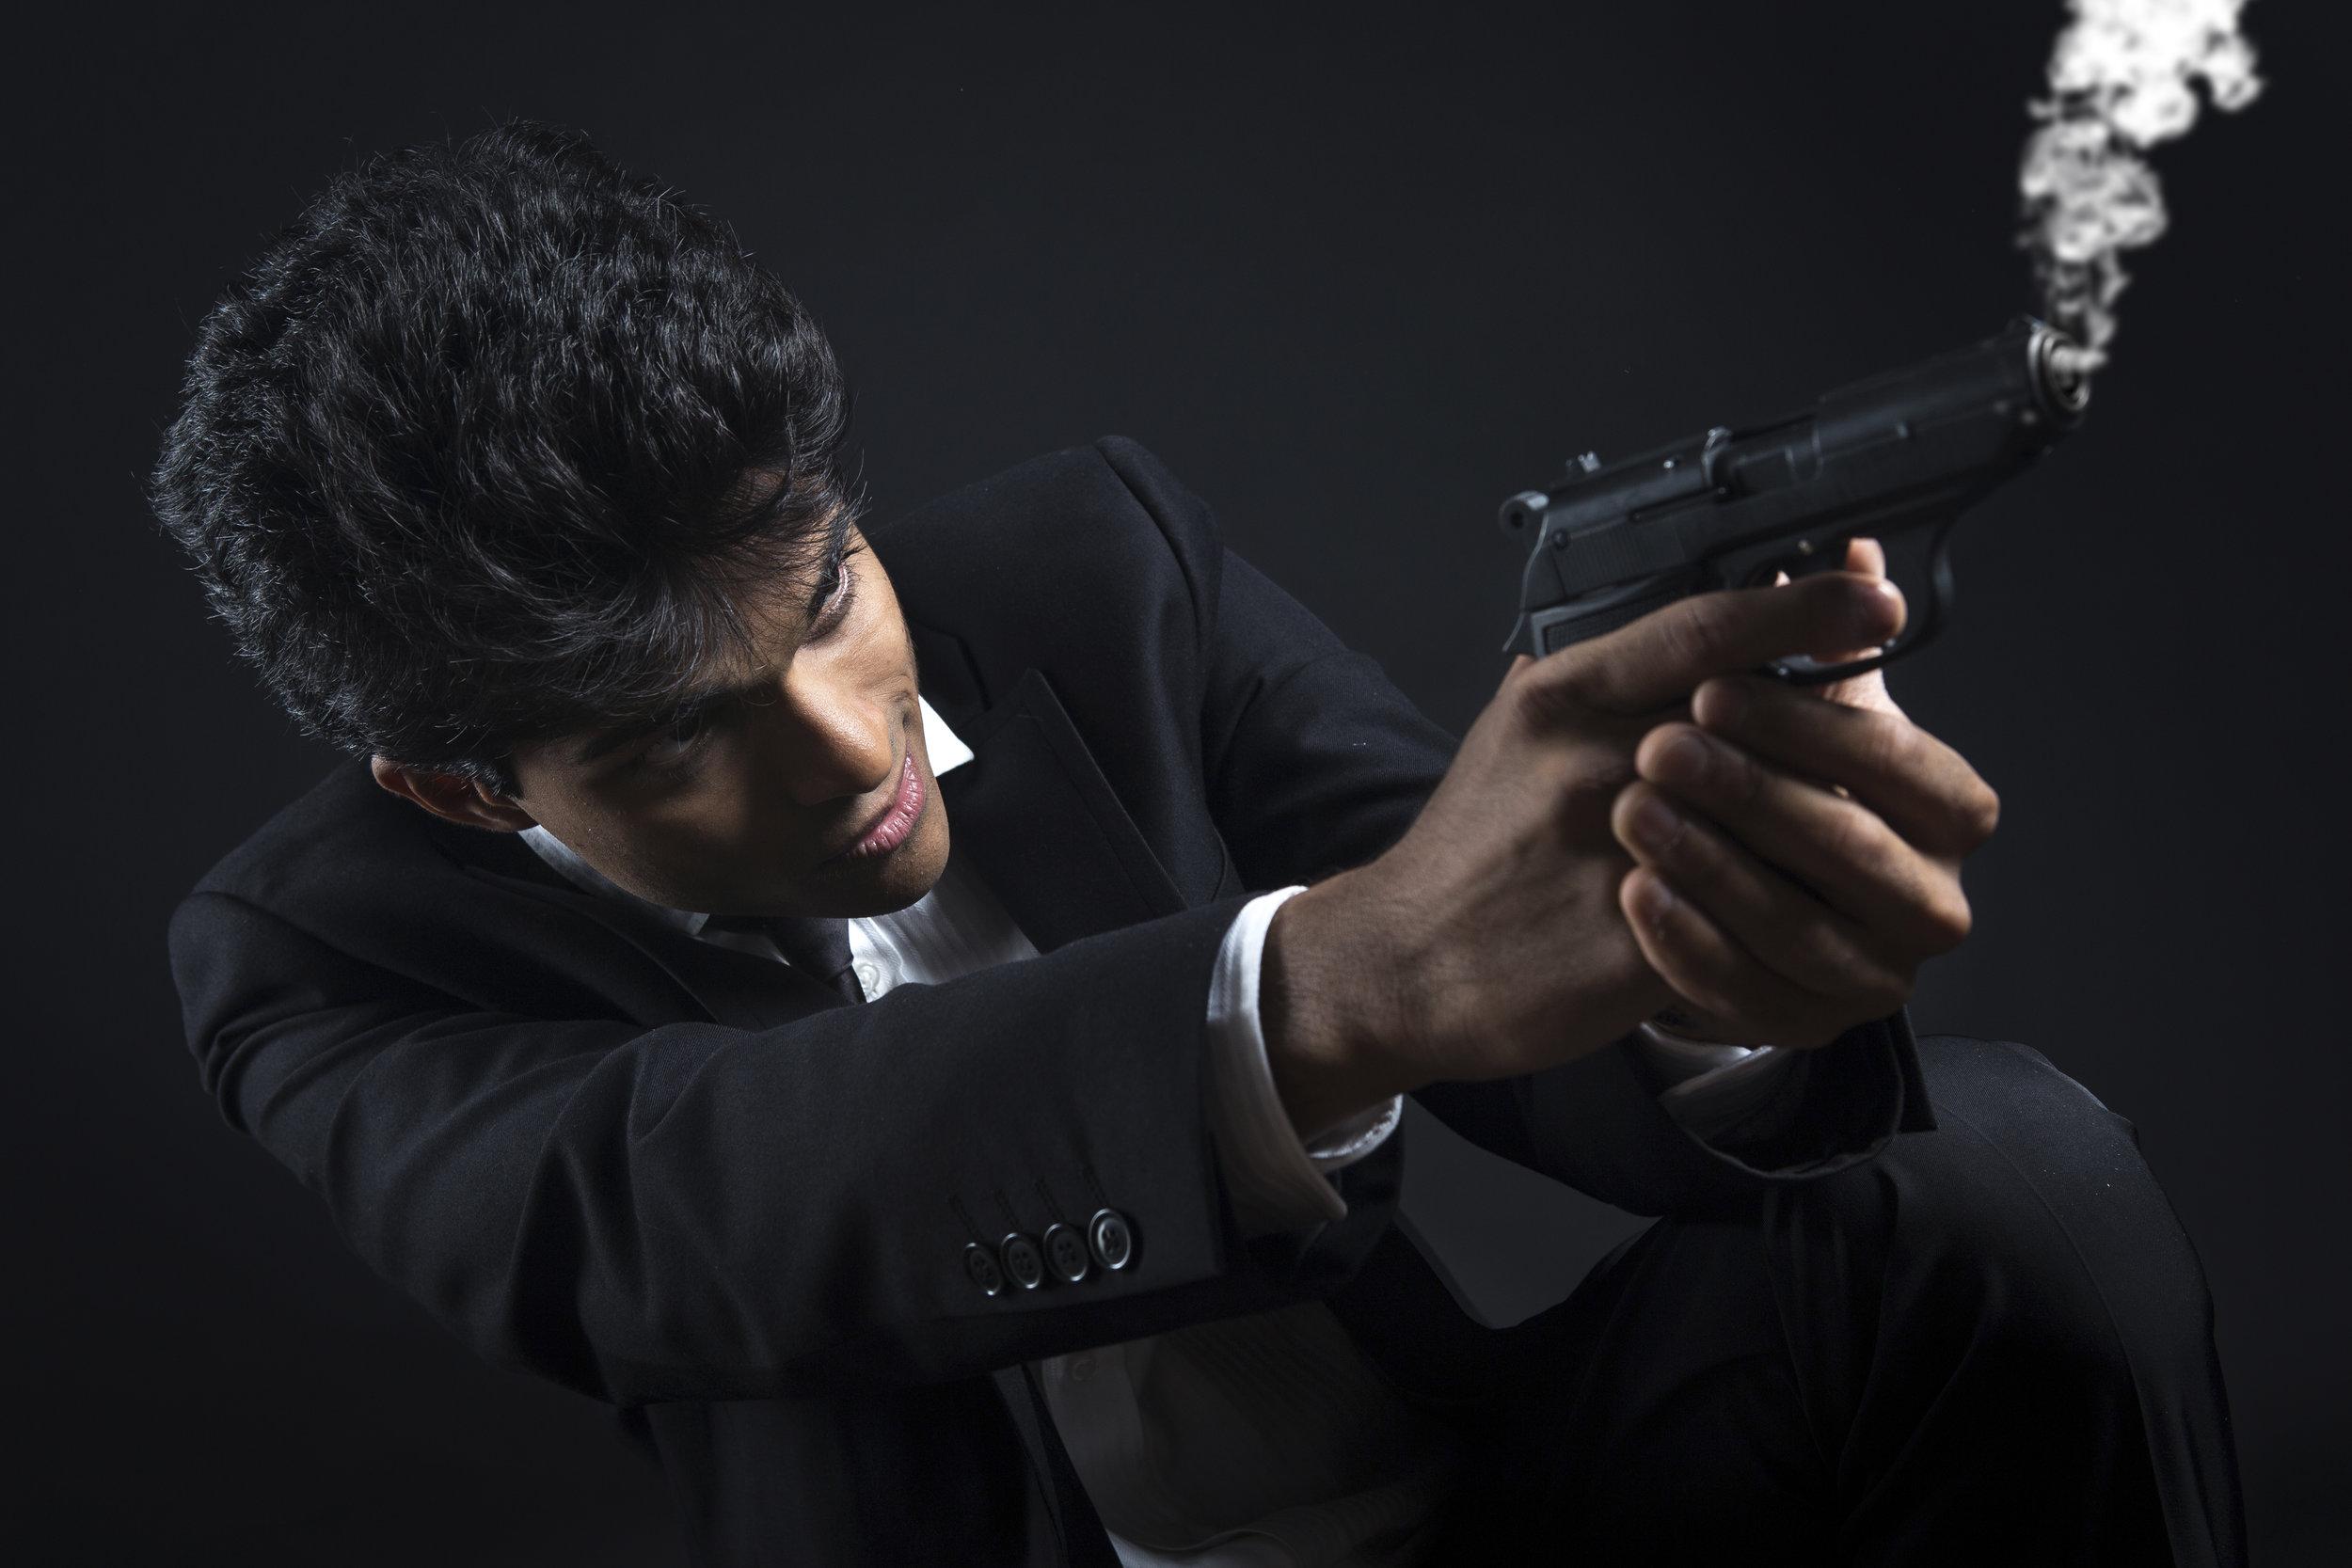 007 flarescape cesare ferrari book milano cosplay